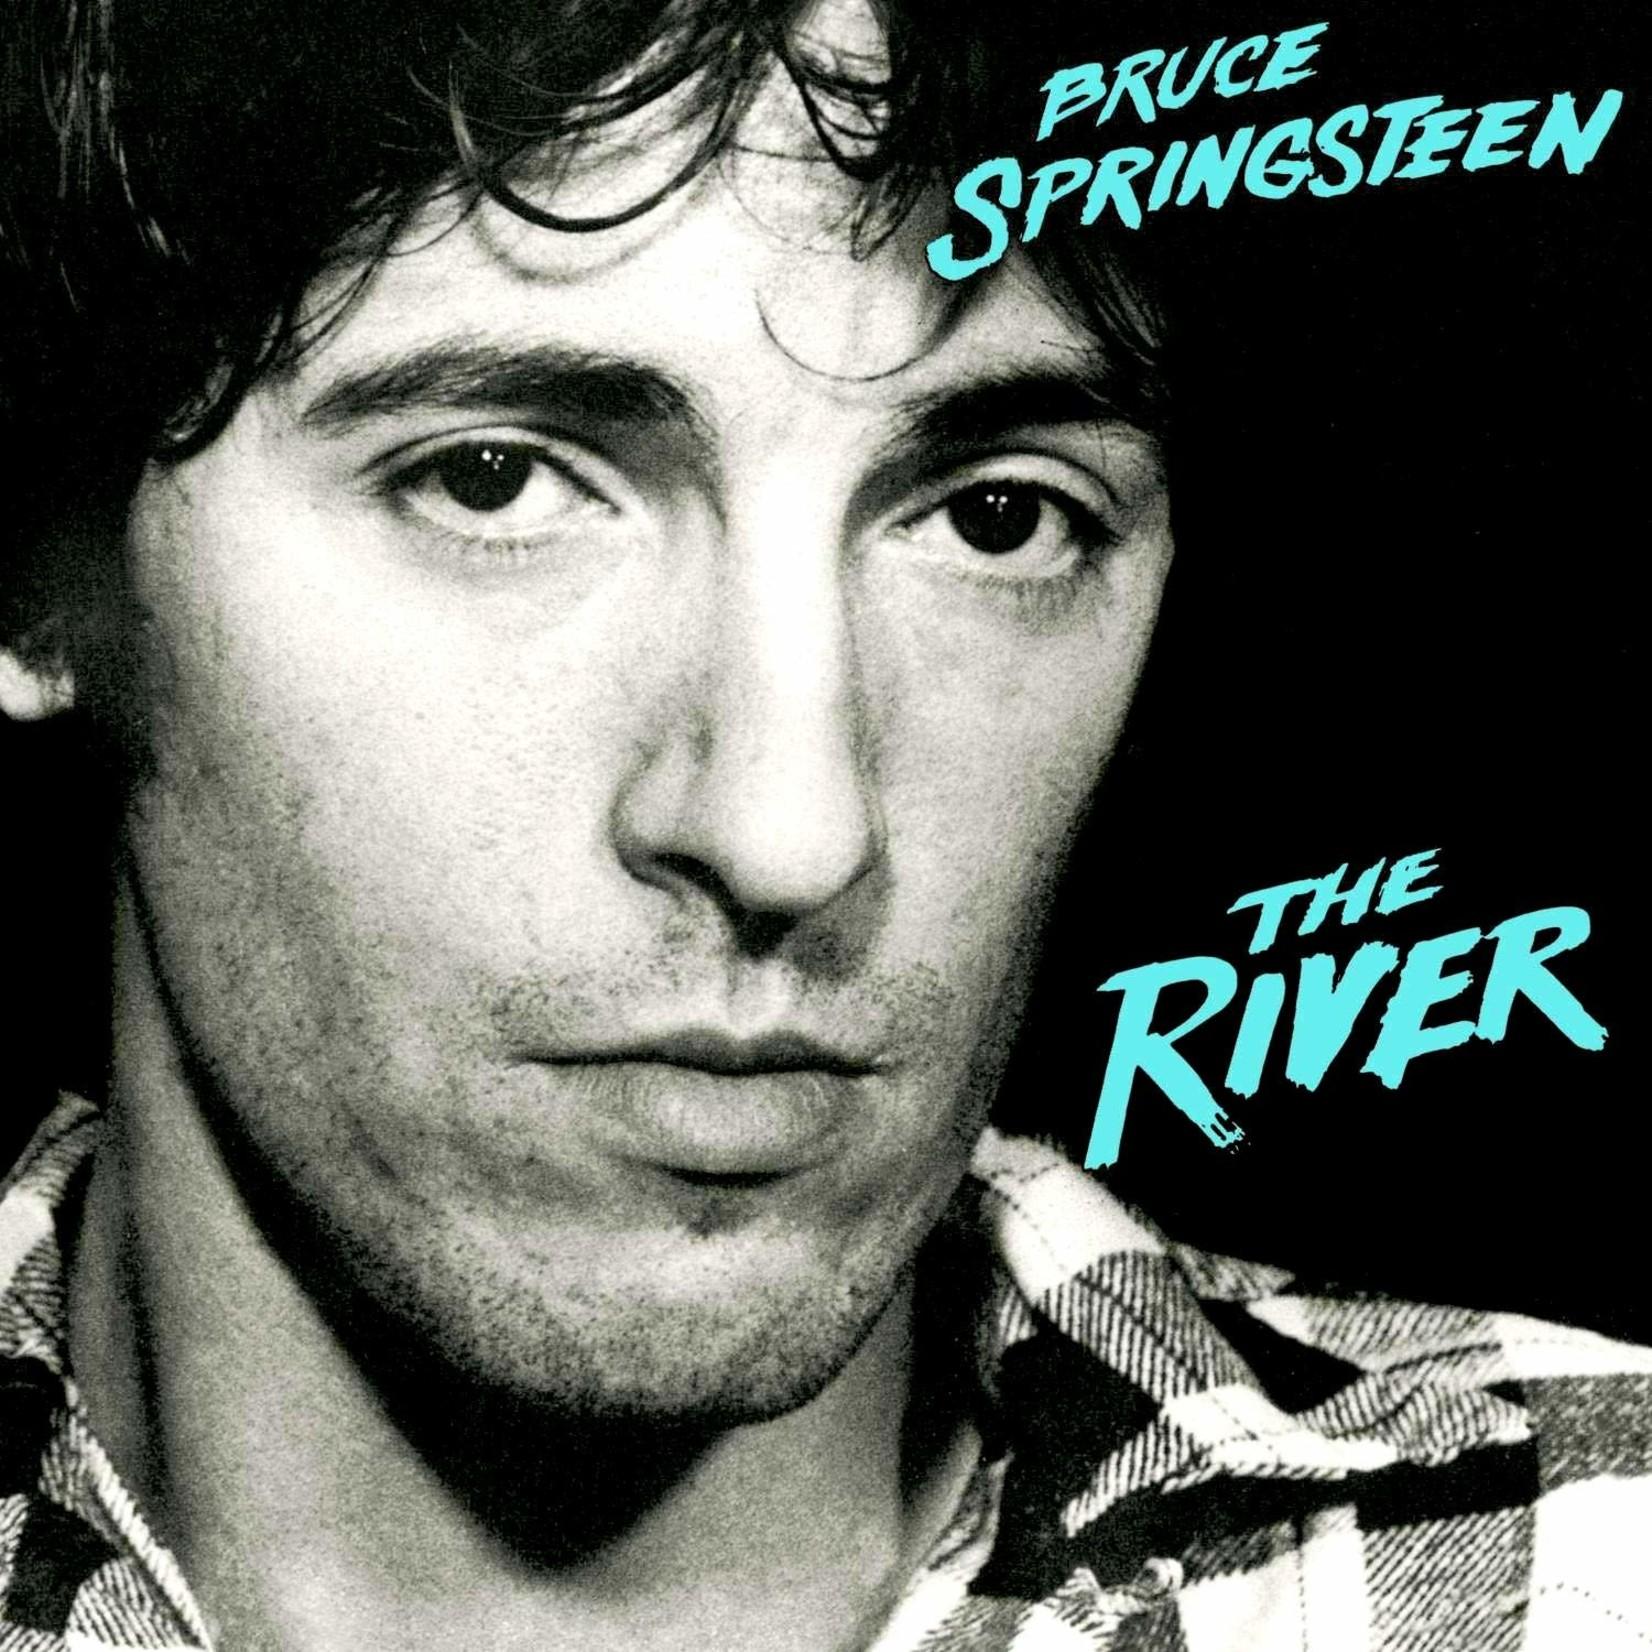 [Vintage] Springsteen, Bruce: The River